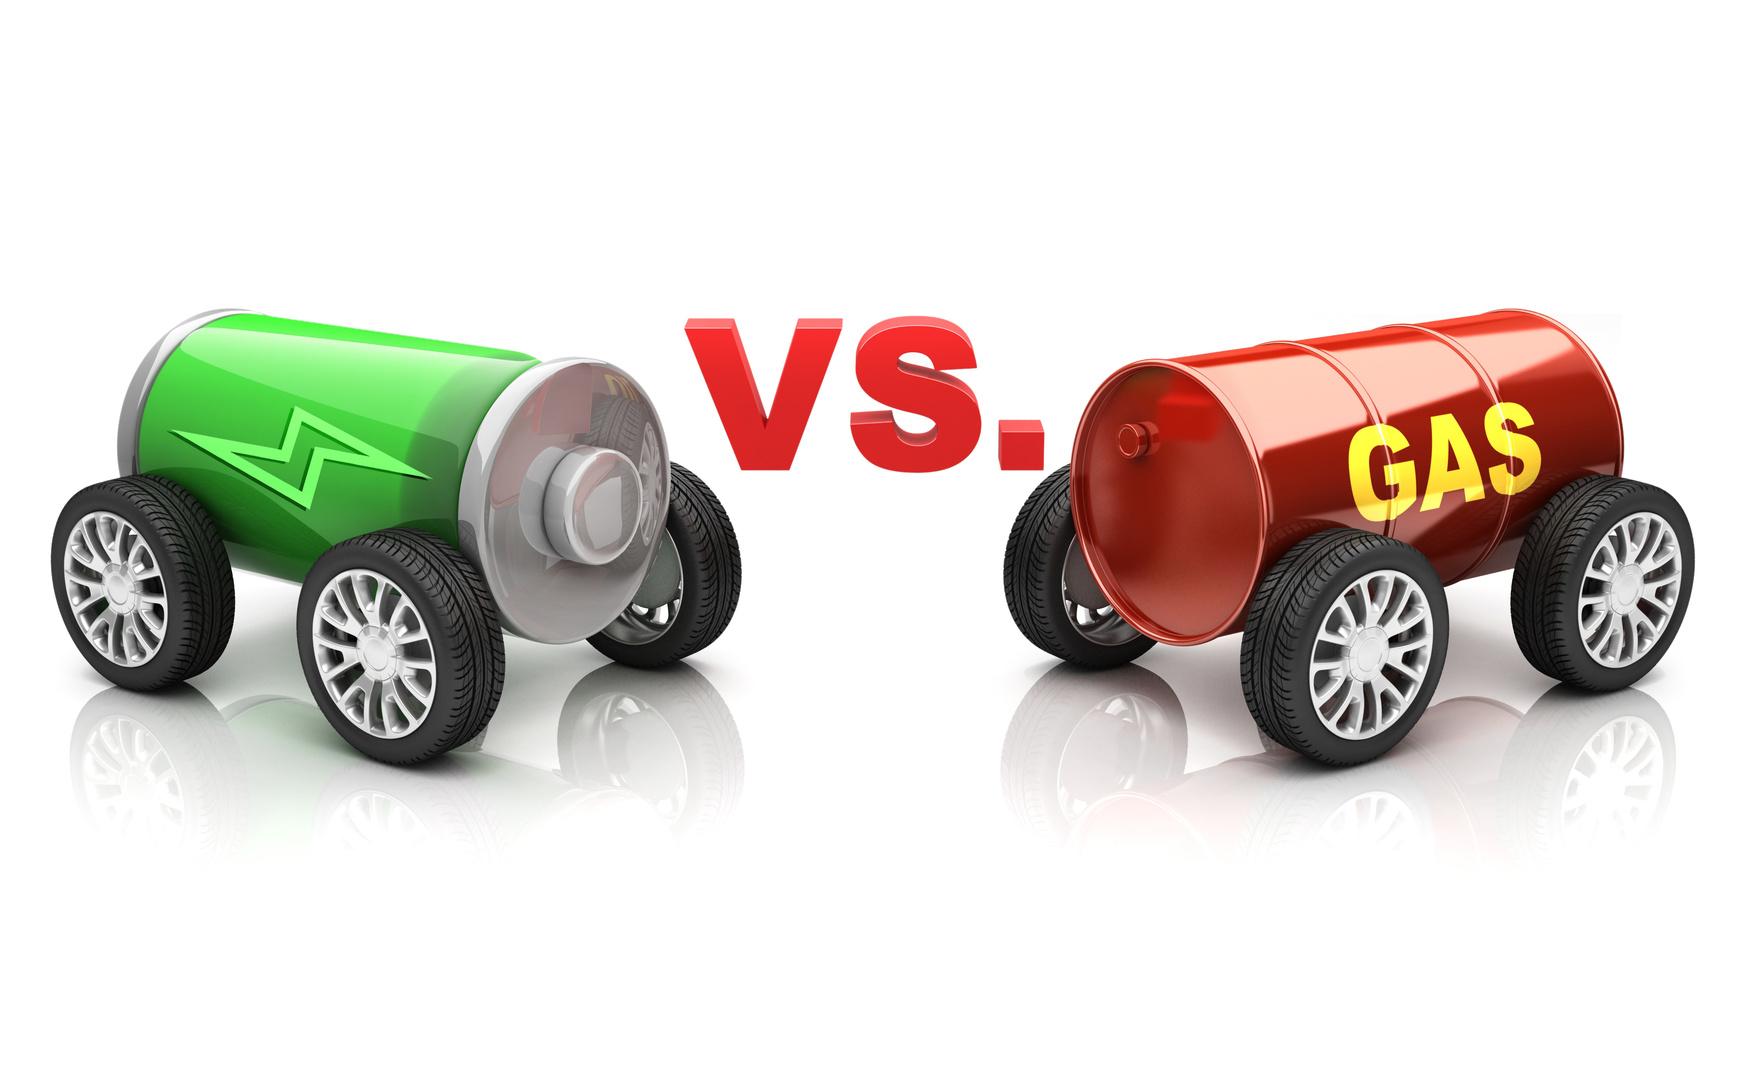 Car Insurance for Hybrid Vehicles